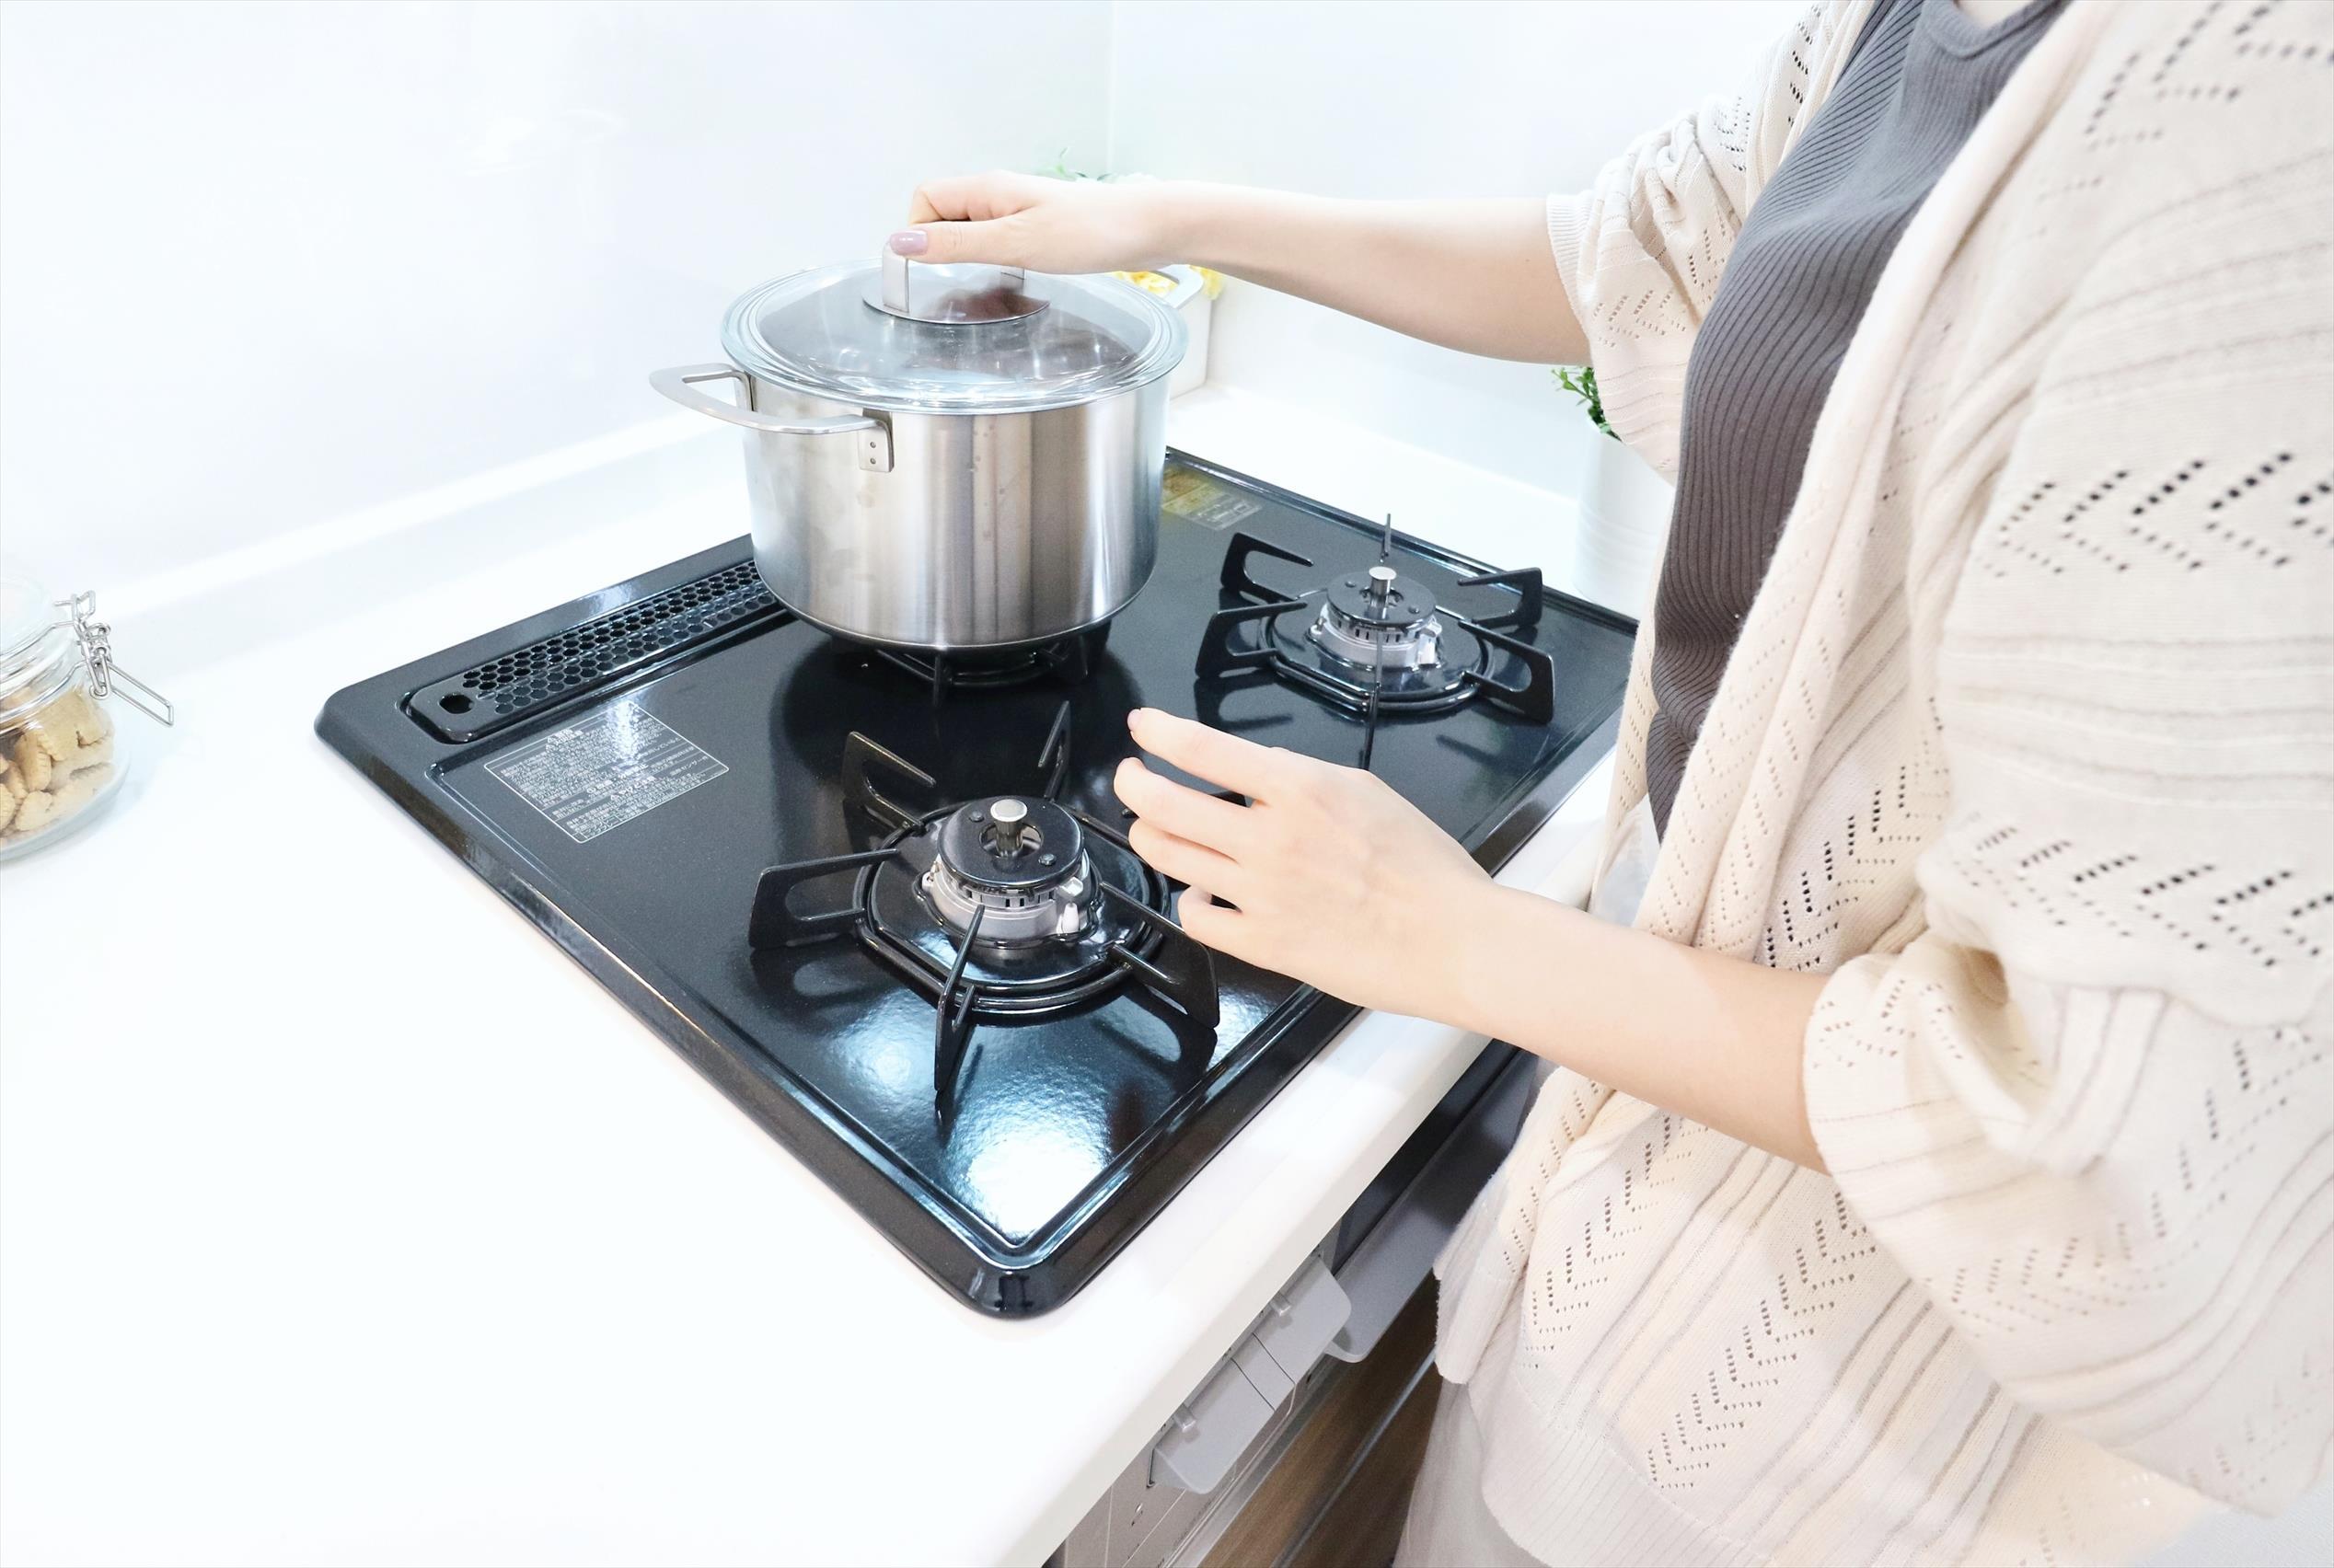 その他設備(ガラストップコンロ)キズがつきにくく、お手入れが簡単なガラストップコンロ。調理のはかどるグリル付きです。  ※写真は当社施工例です。設備内容については物件により異なります。